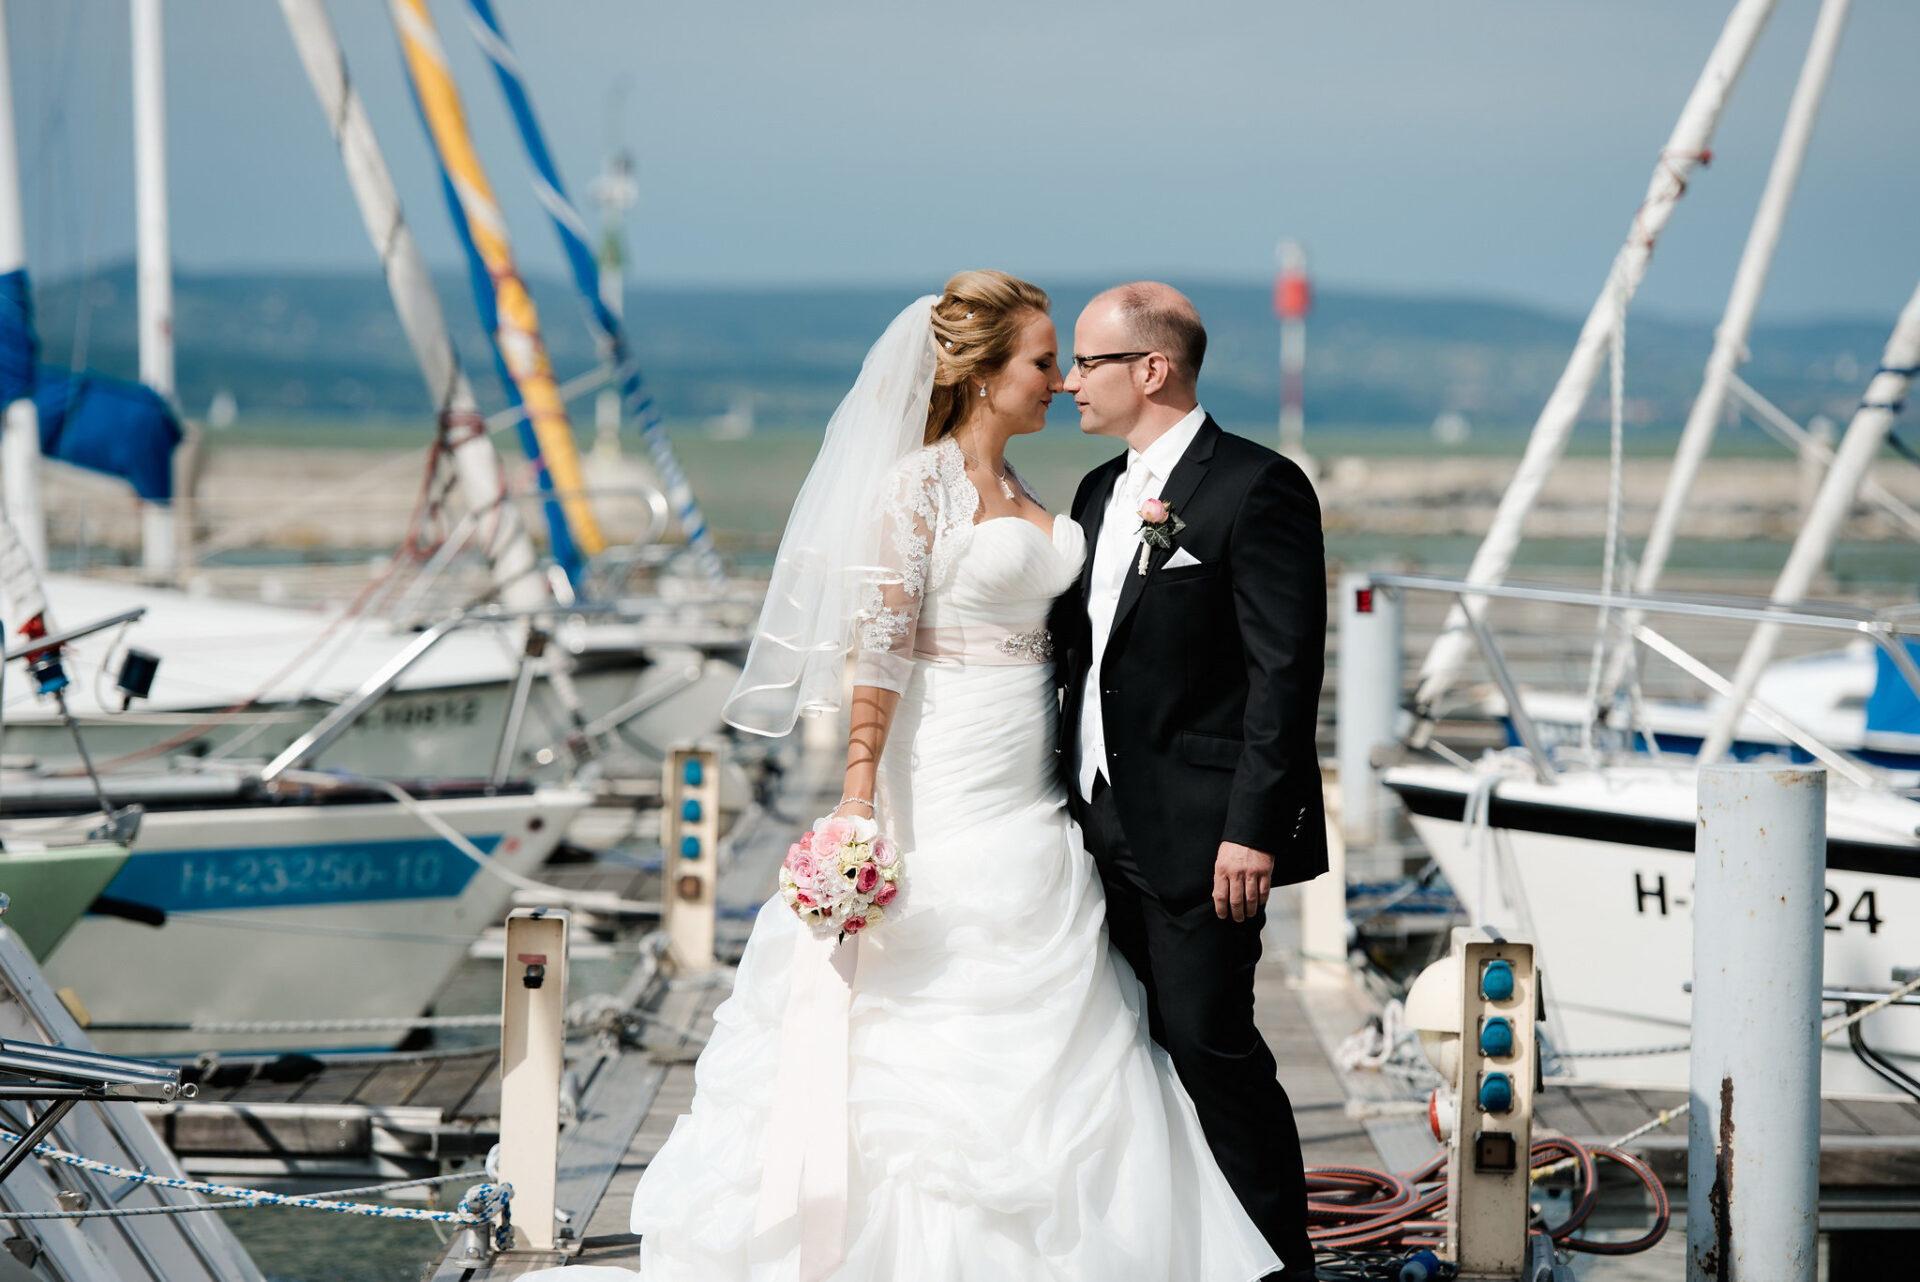 real wedding, romantikus, elegáns, vintage esküvő, balatoni esküvő